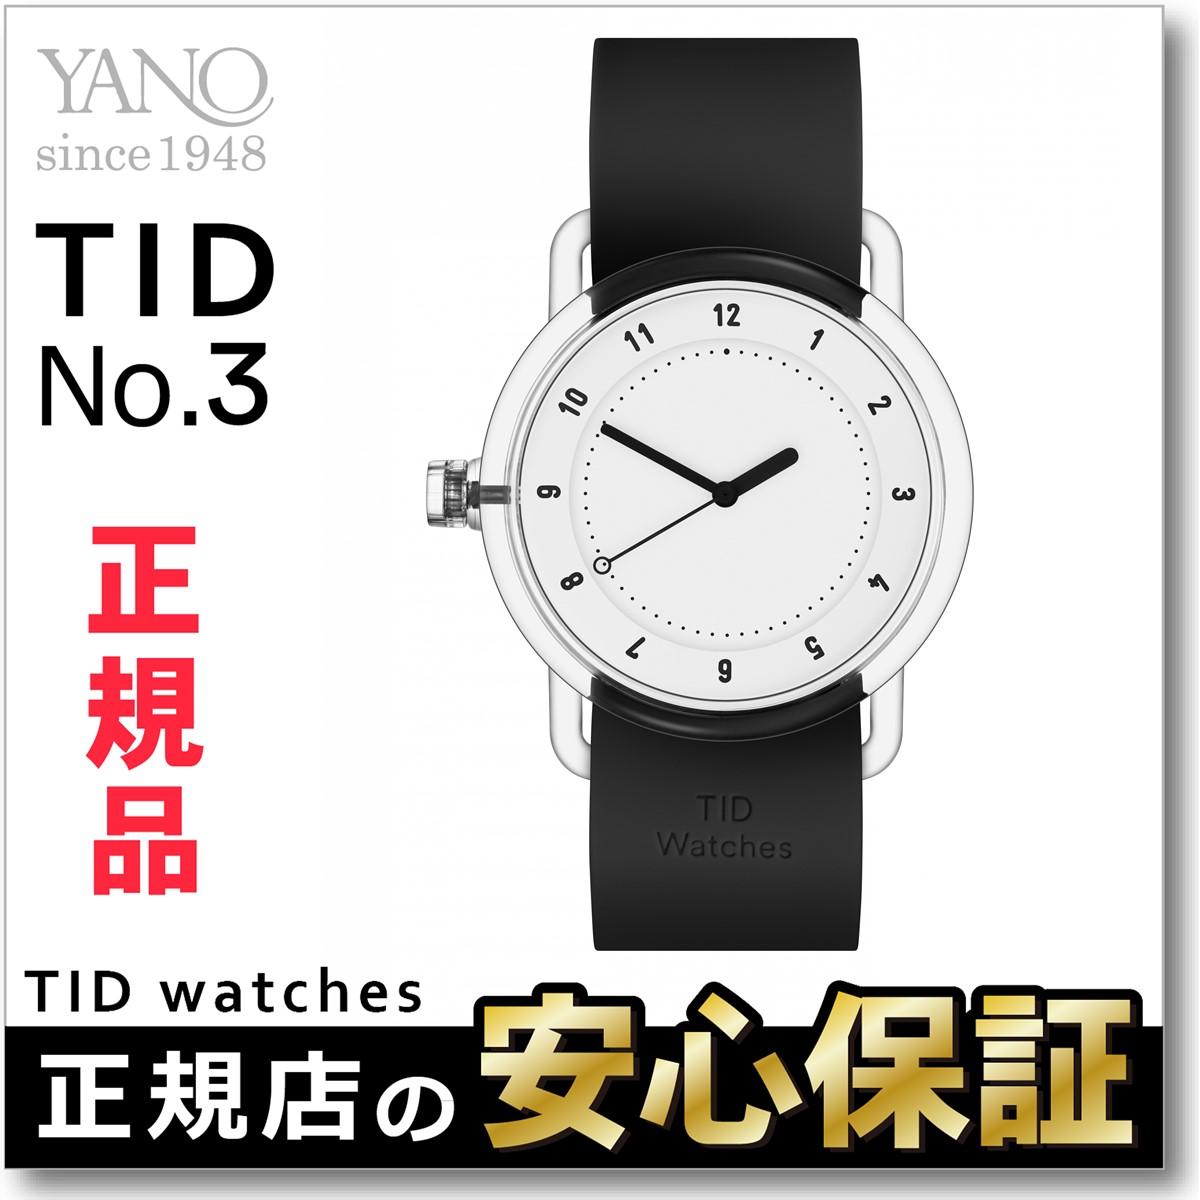 【正規品】 ティッド ウォッチズ No.3 コレクション TID Watches 腕時計 メンズ/レディース TID03ホワイト/ブラック シリコンベルト 38mm ティッド ウォッチ 北欧 腕時計 _10spl【店頭受取対応商品】